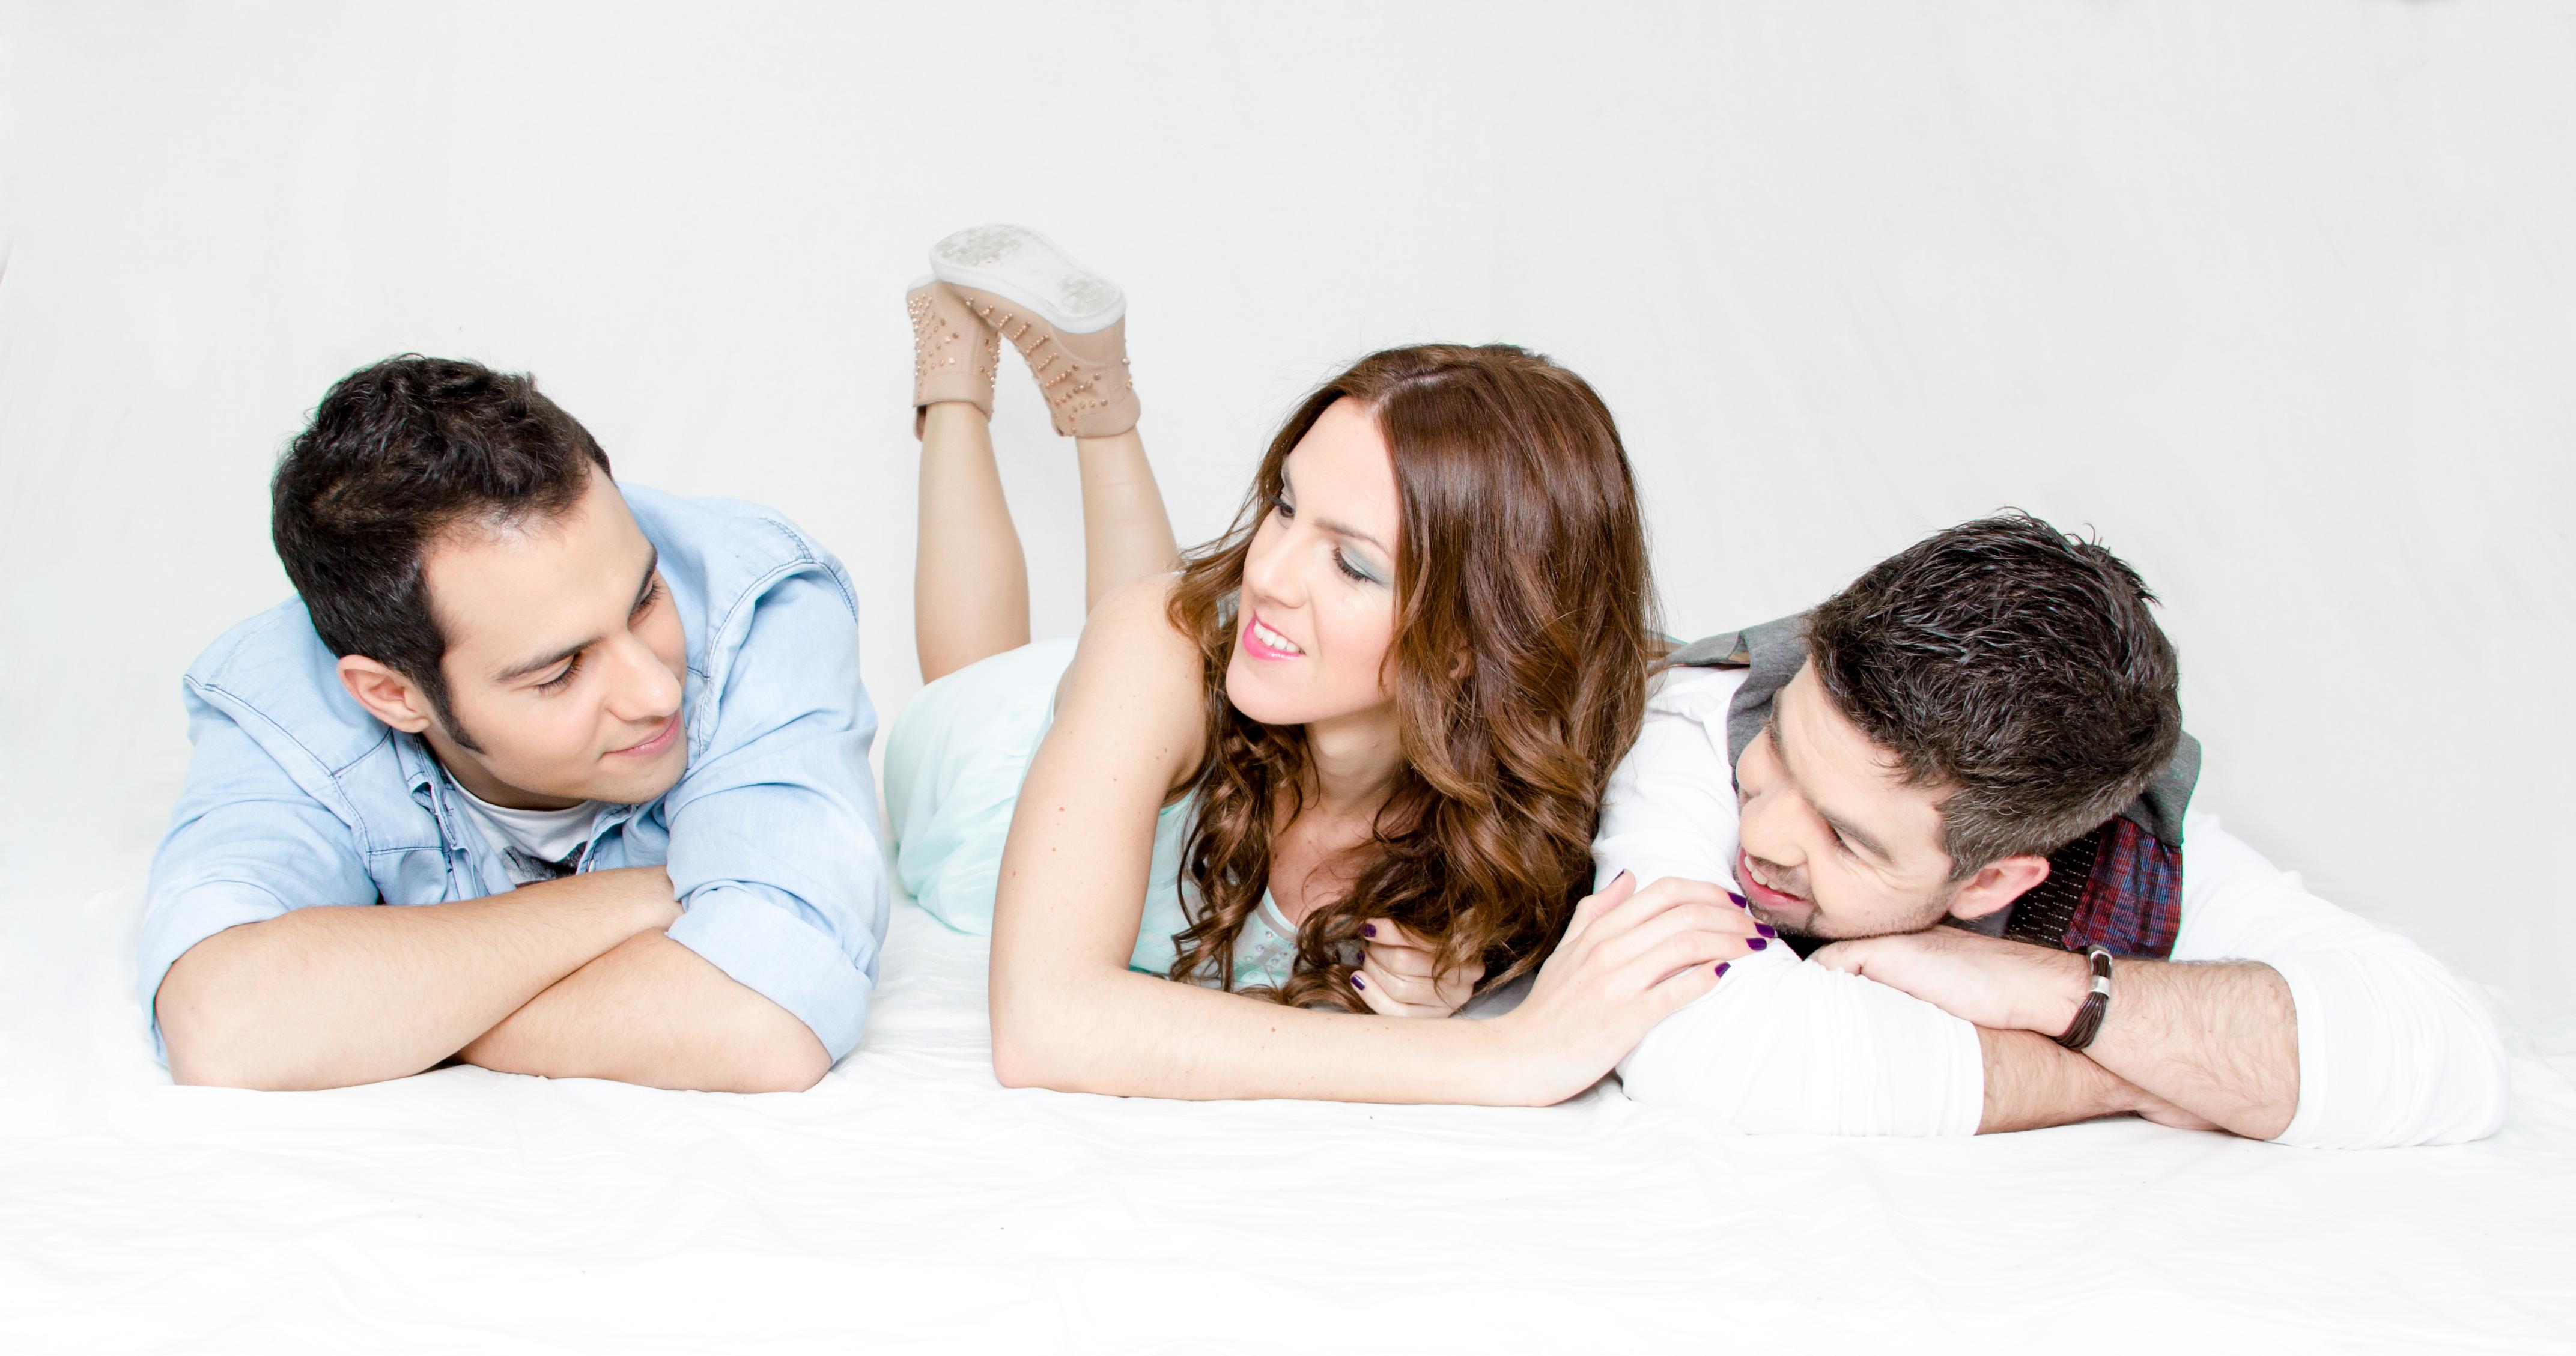 Entrevistamos a Rebeca, Miguel y Cristian, ellos forman parte del grupo musical «El Mito de Noa», han publicado recientemente su primer single bajo el título de «Cada Vez». El próximo […]